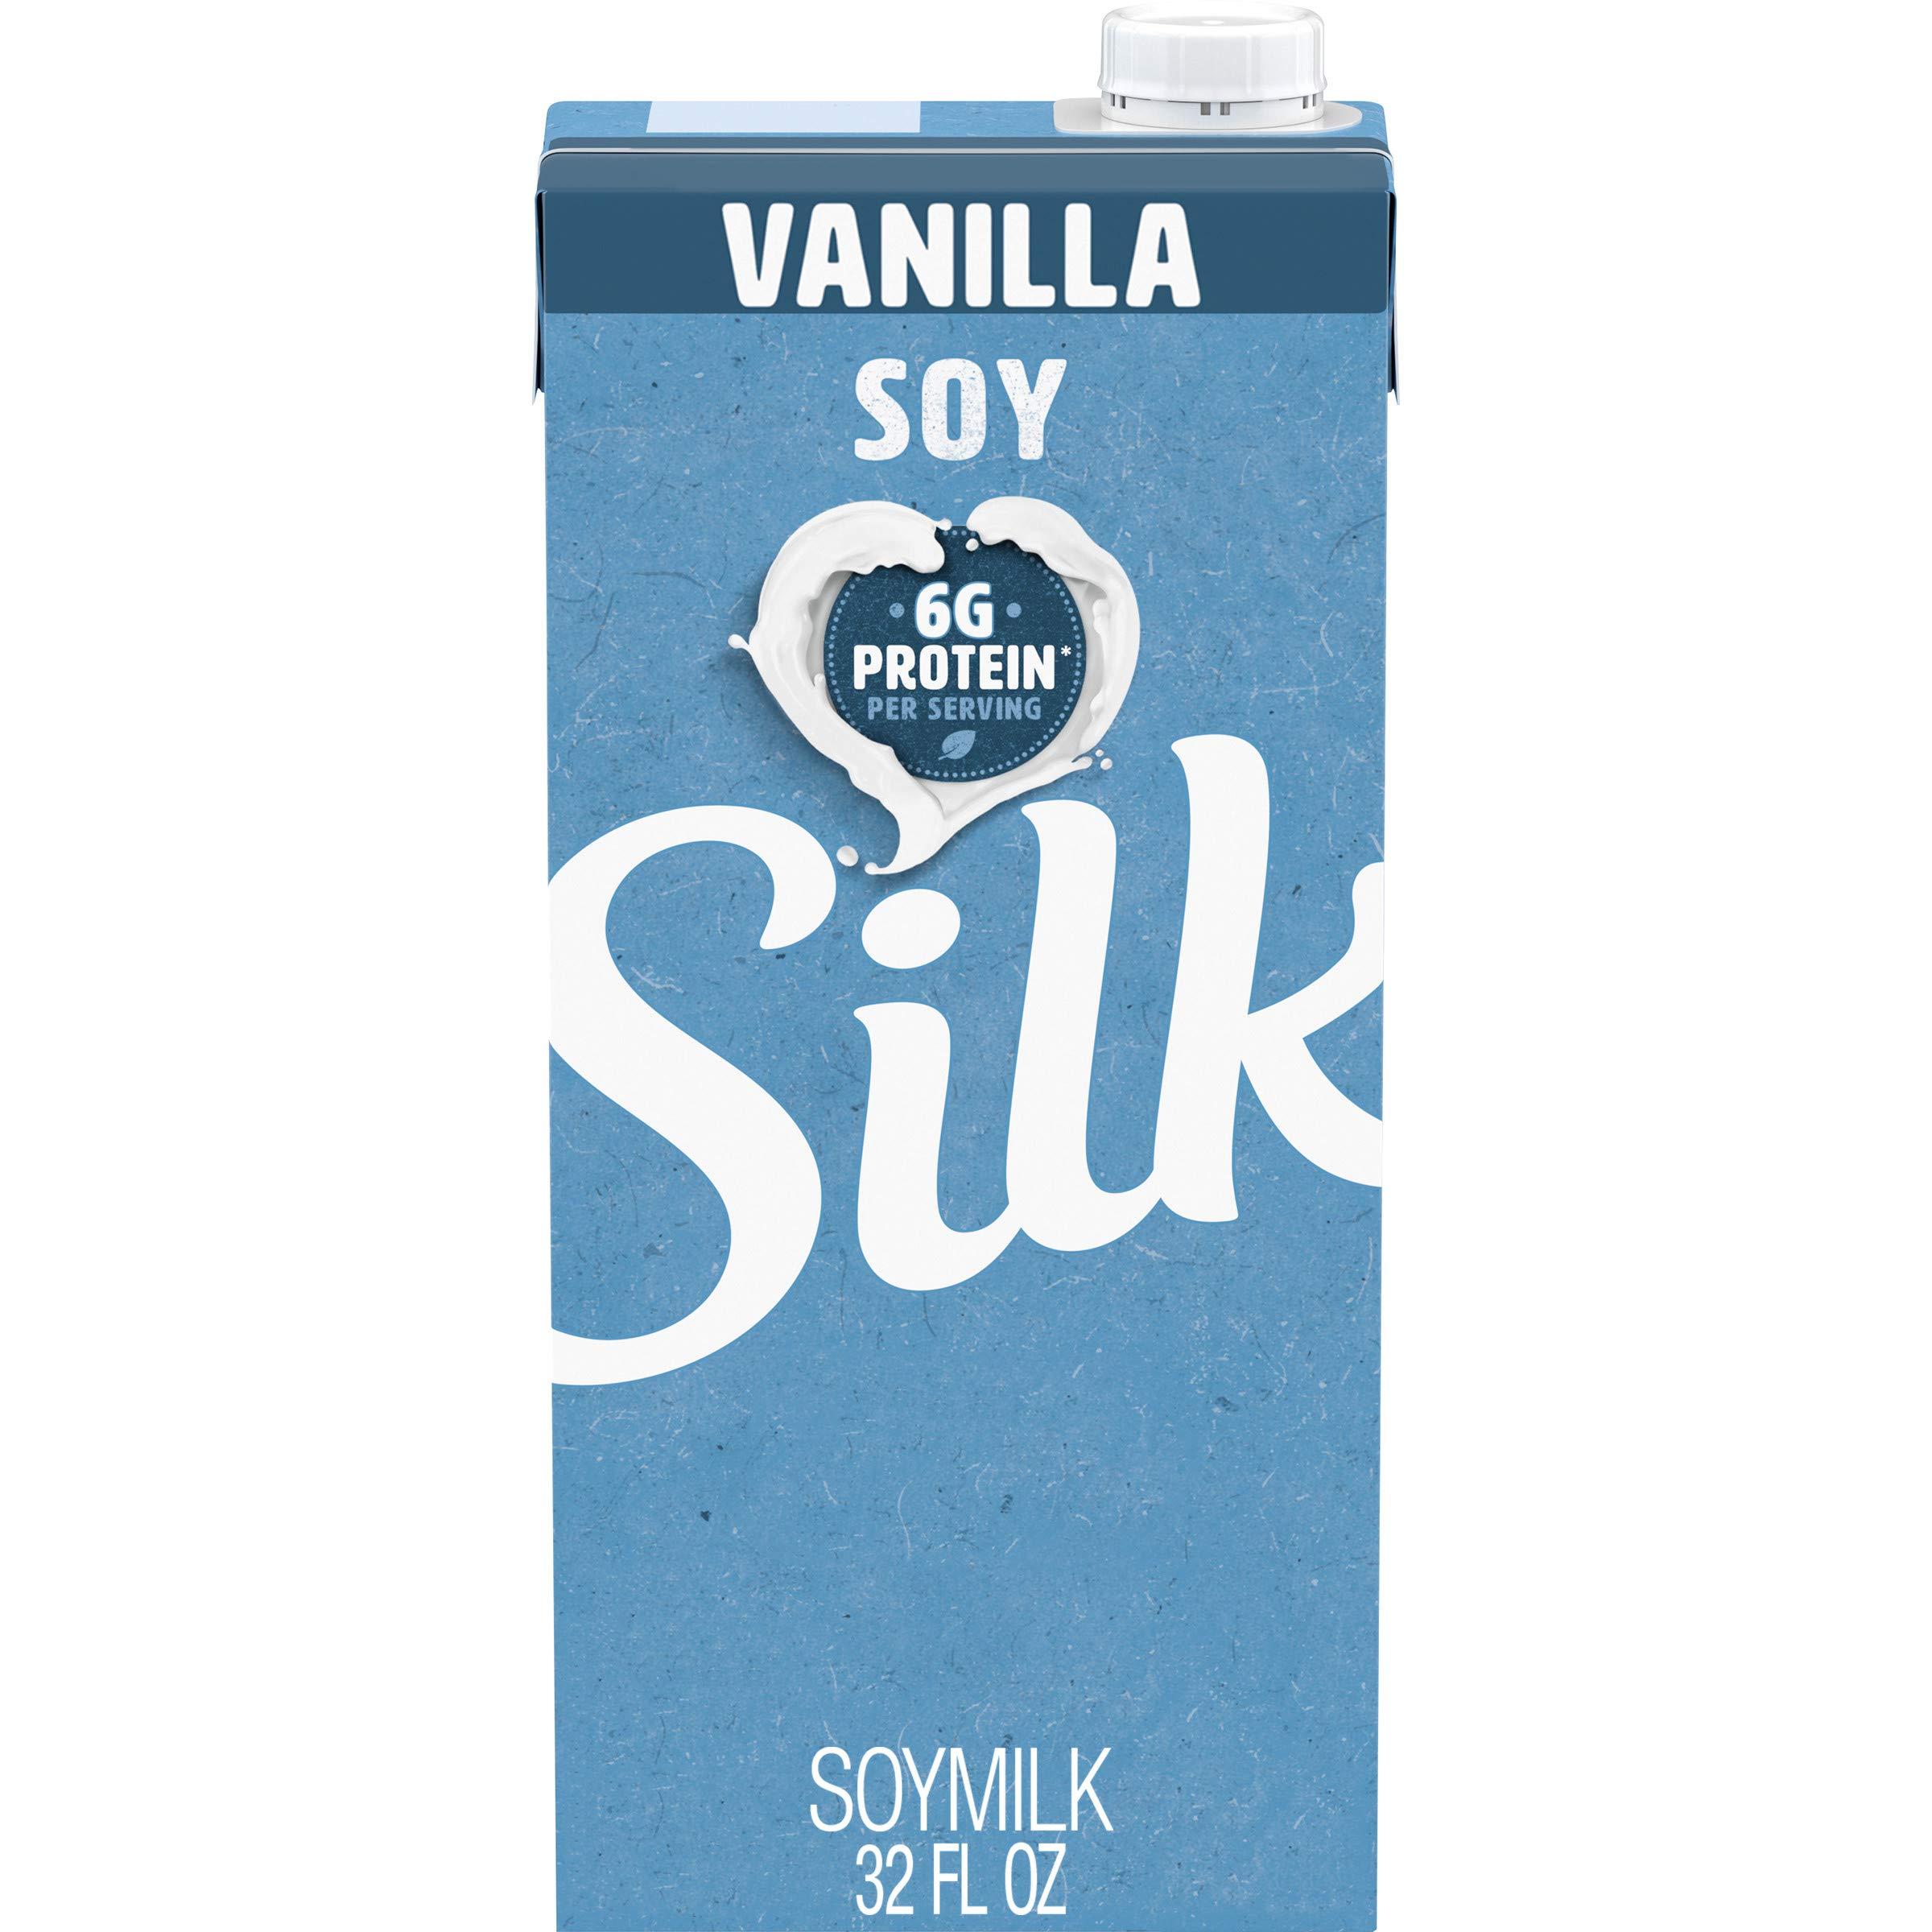 Silk, Soy Milk, Vanilla, 32 oz